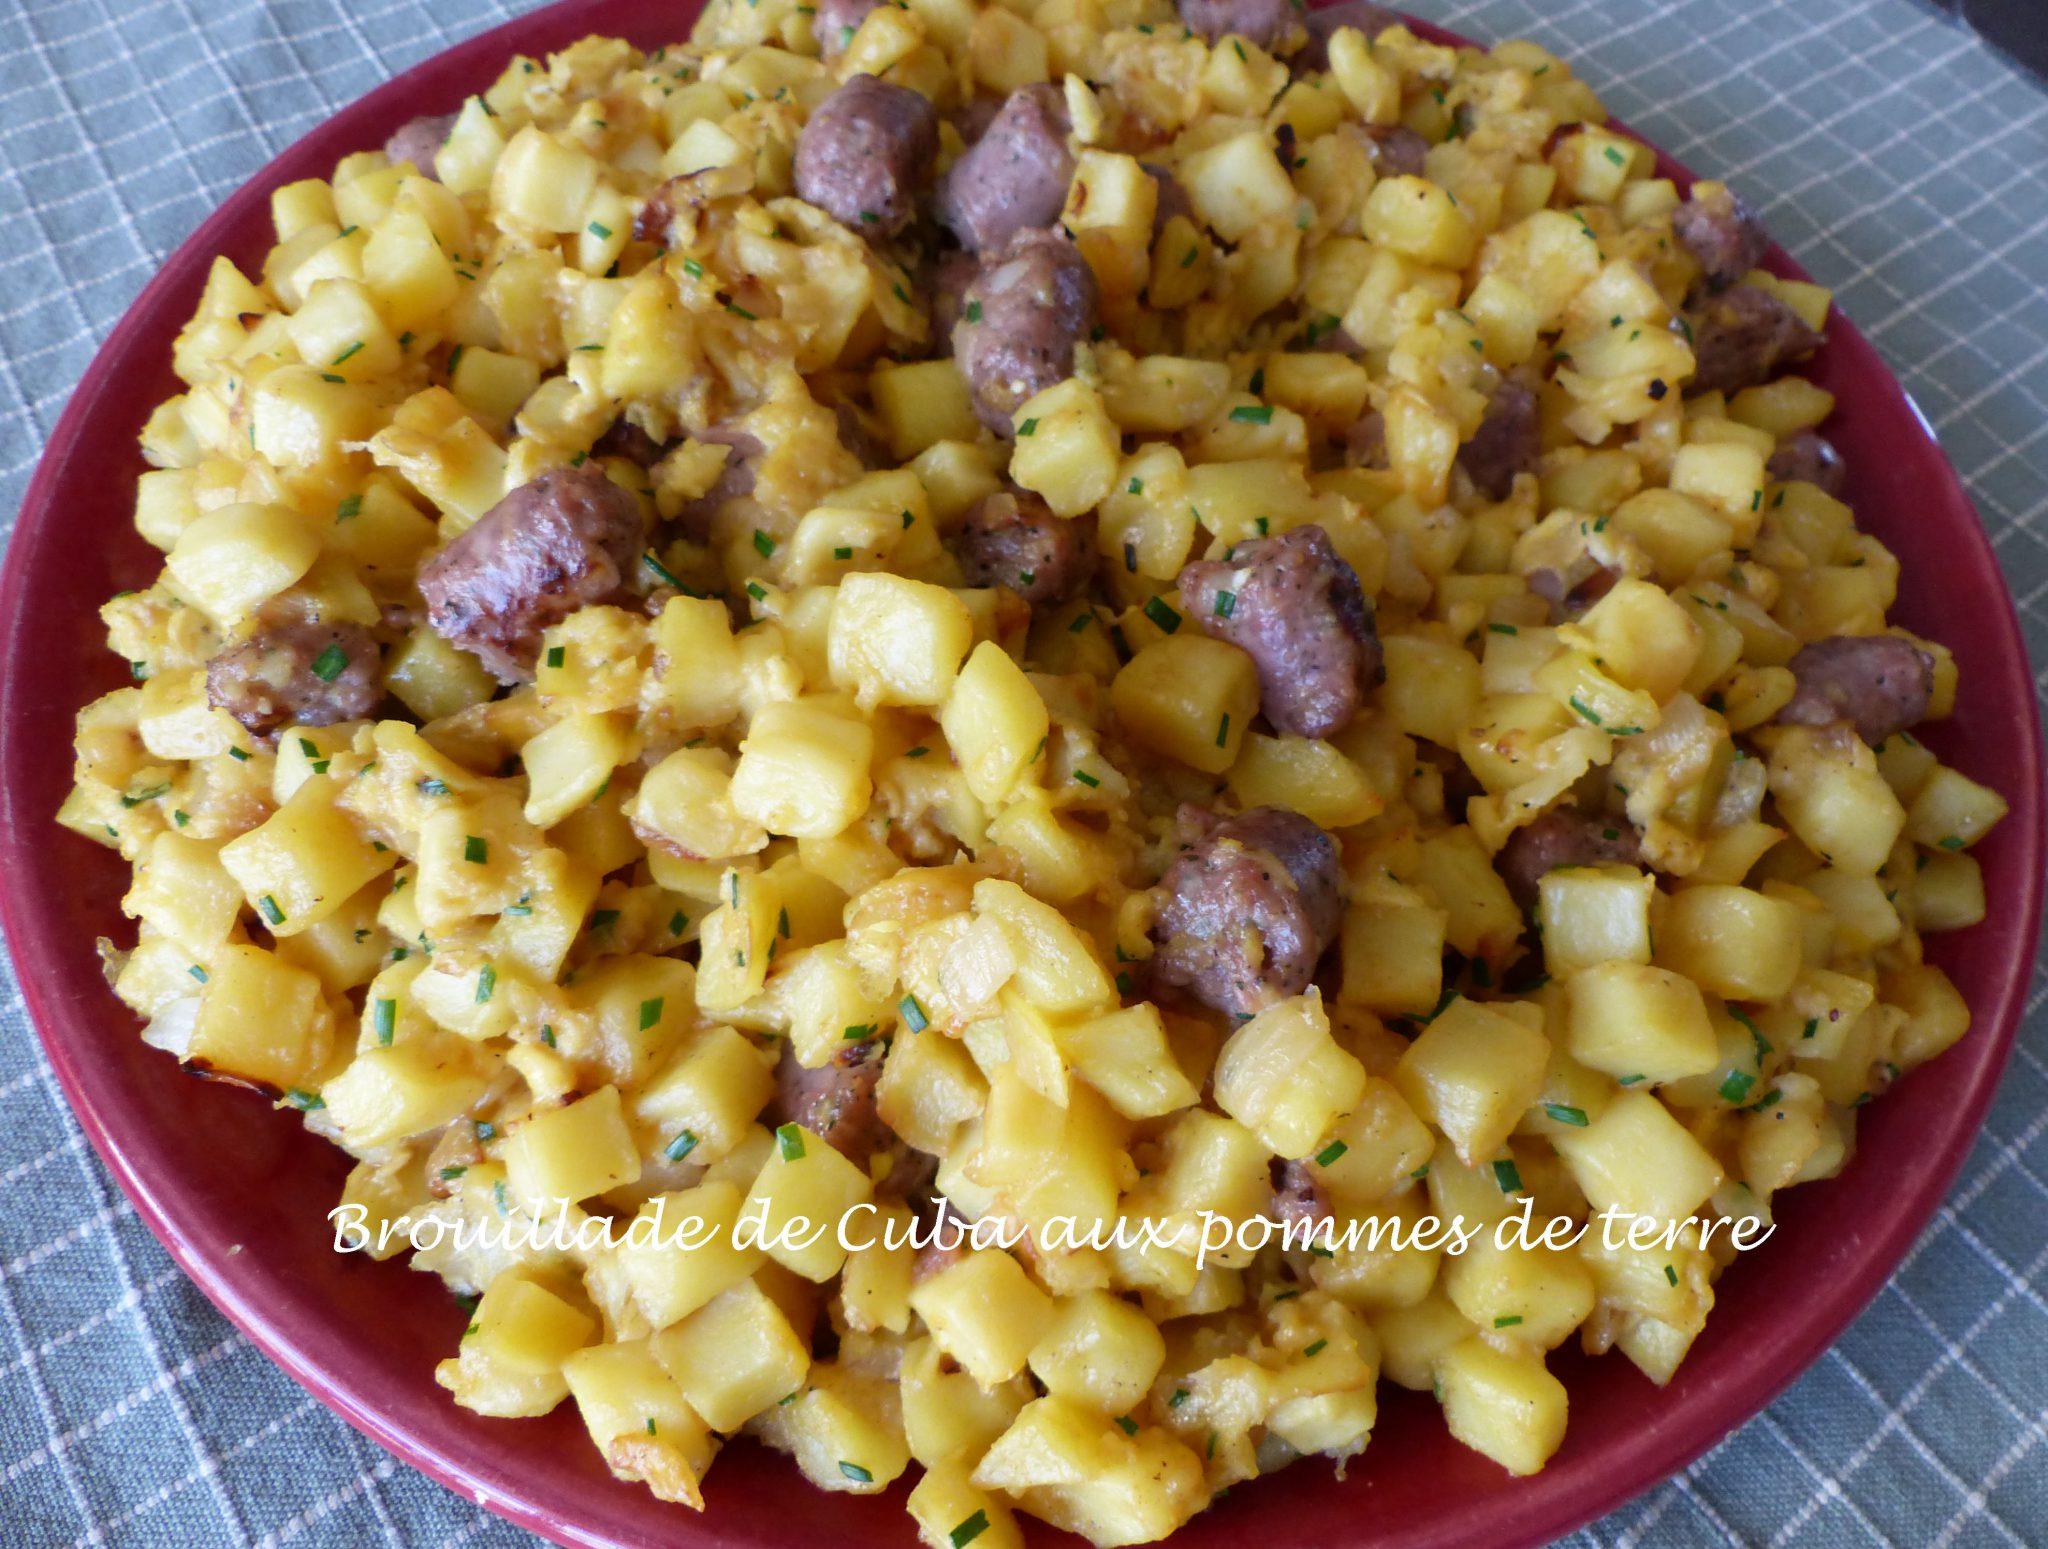 Brouillade de Cuba aux pommes de terre P1120771 R